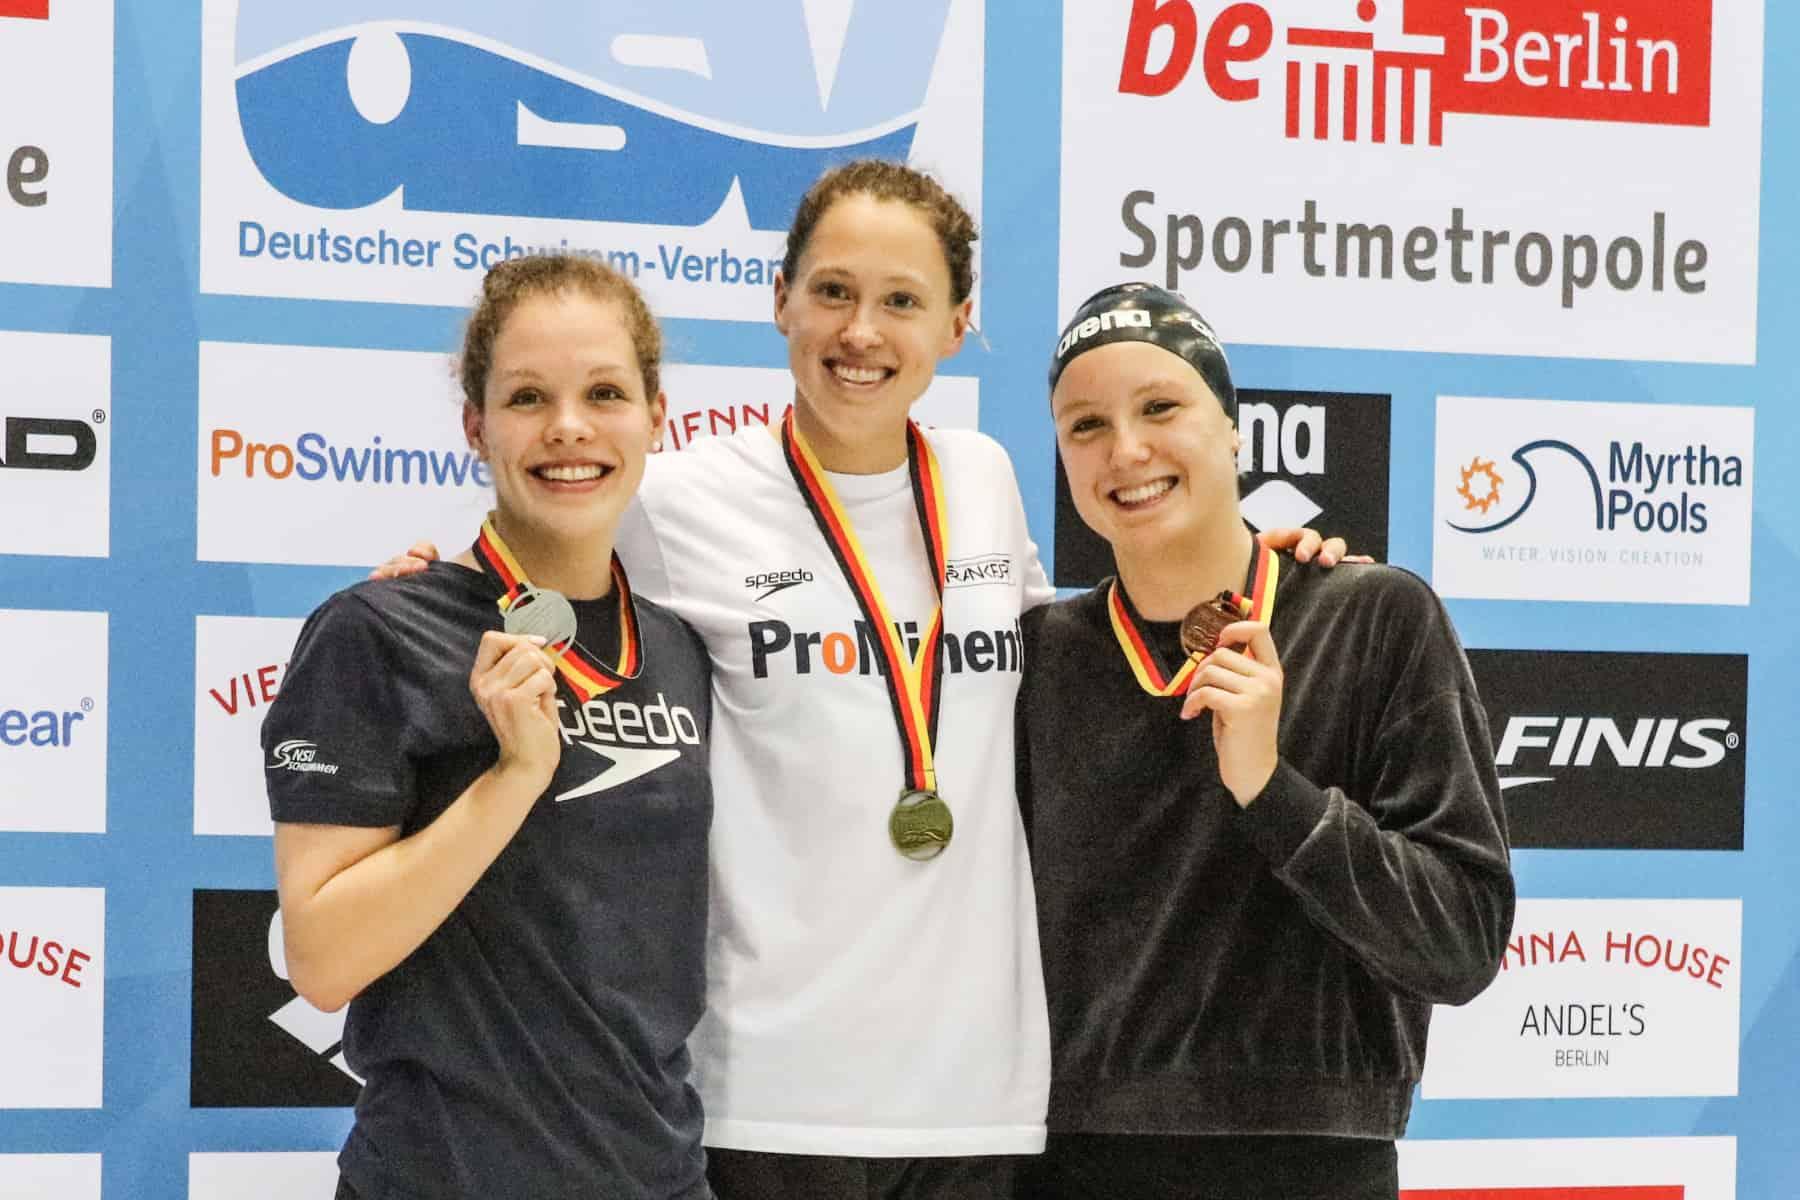 Das Podium über 800 Meter: Celine Rieder, Sarah Kölhler, Isabel Gose (v. l.)